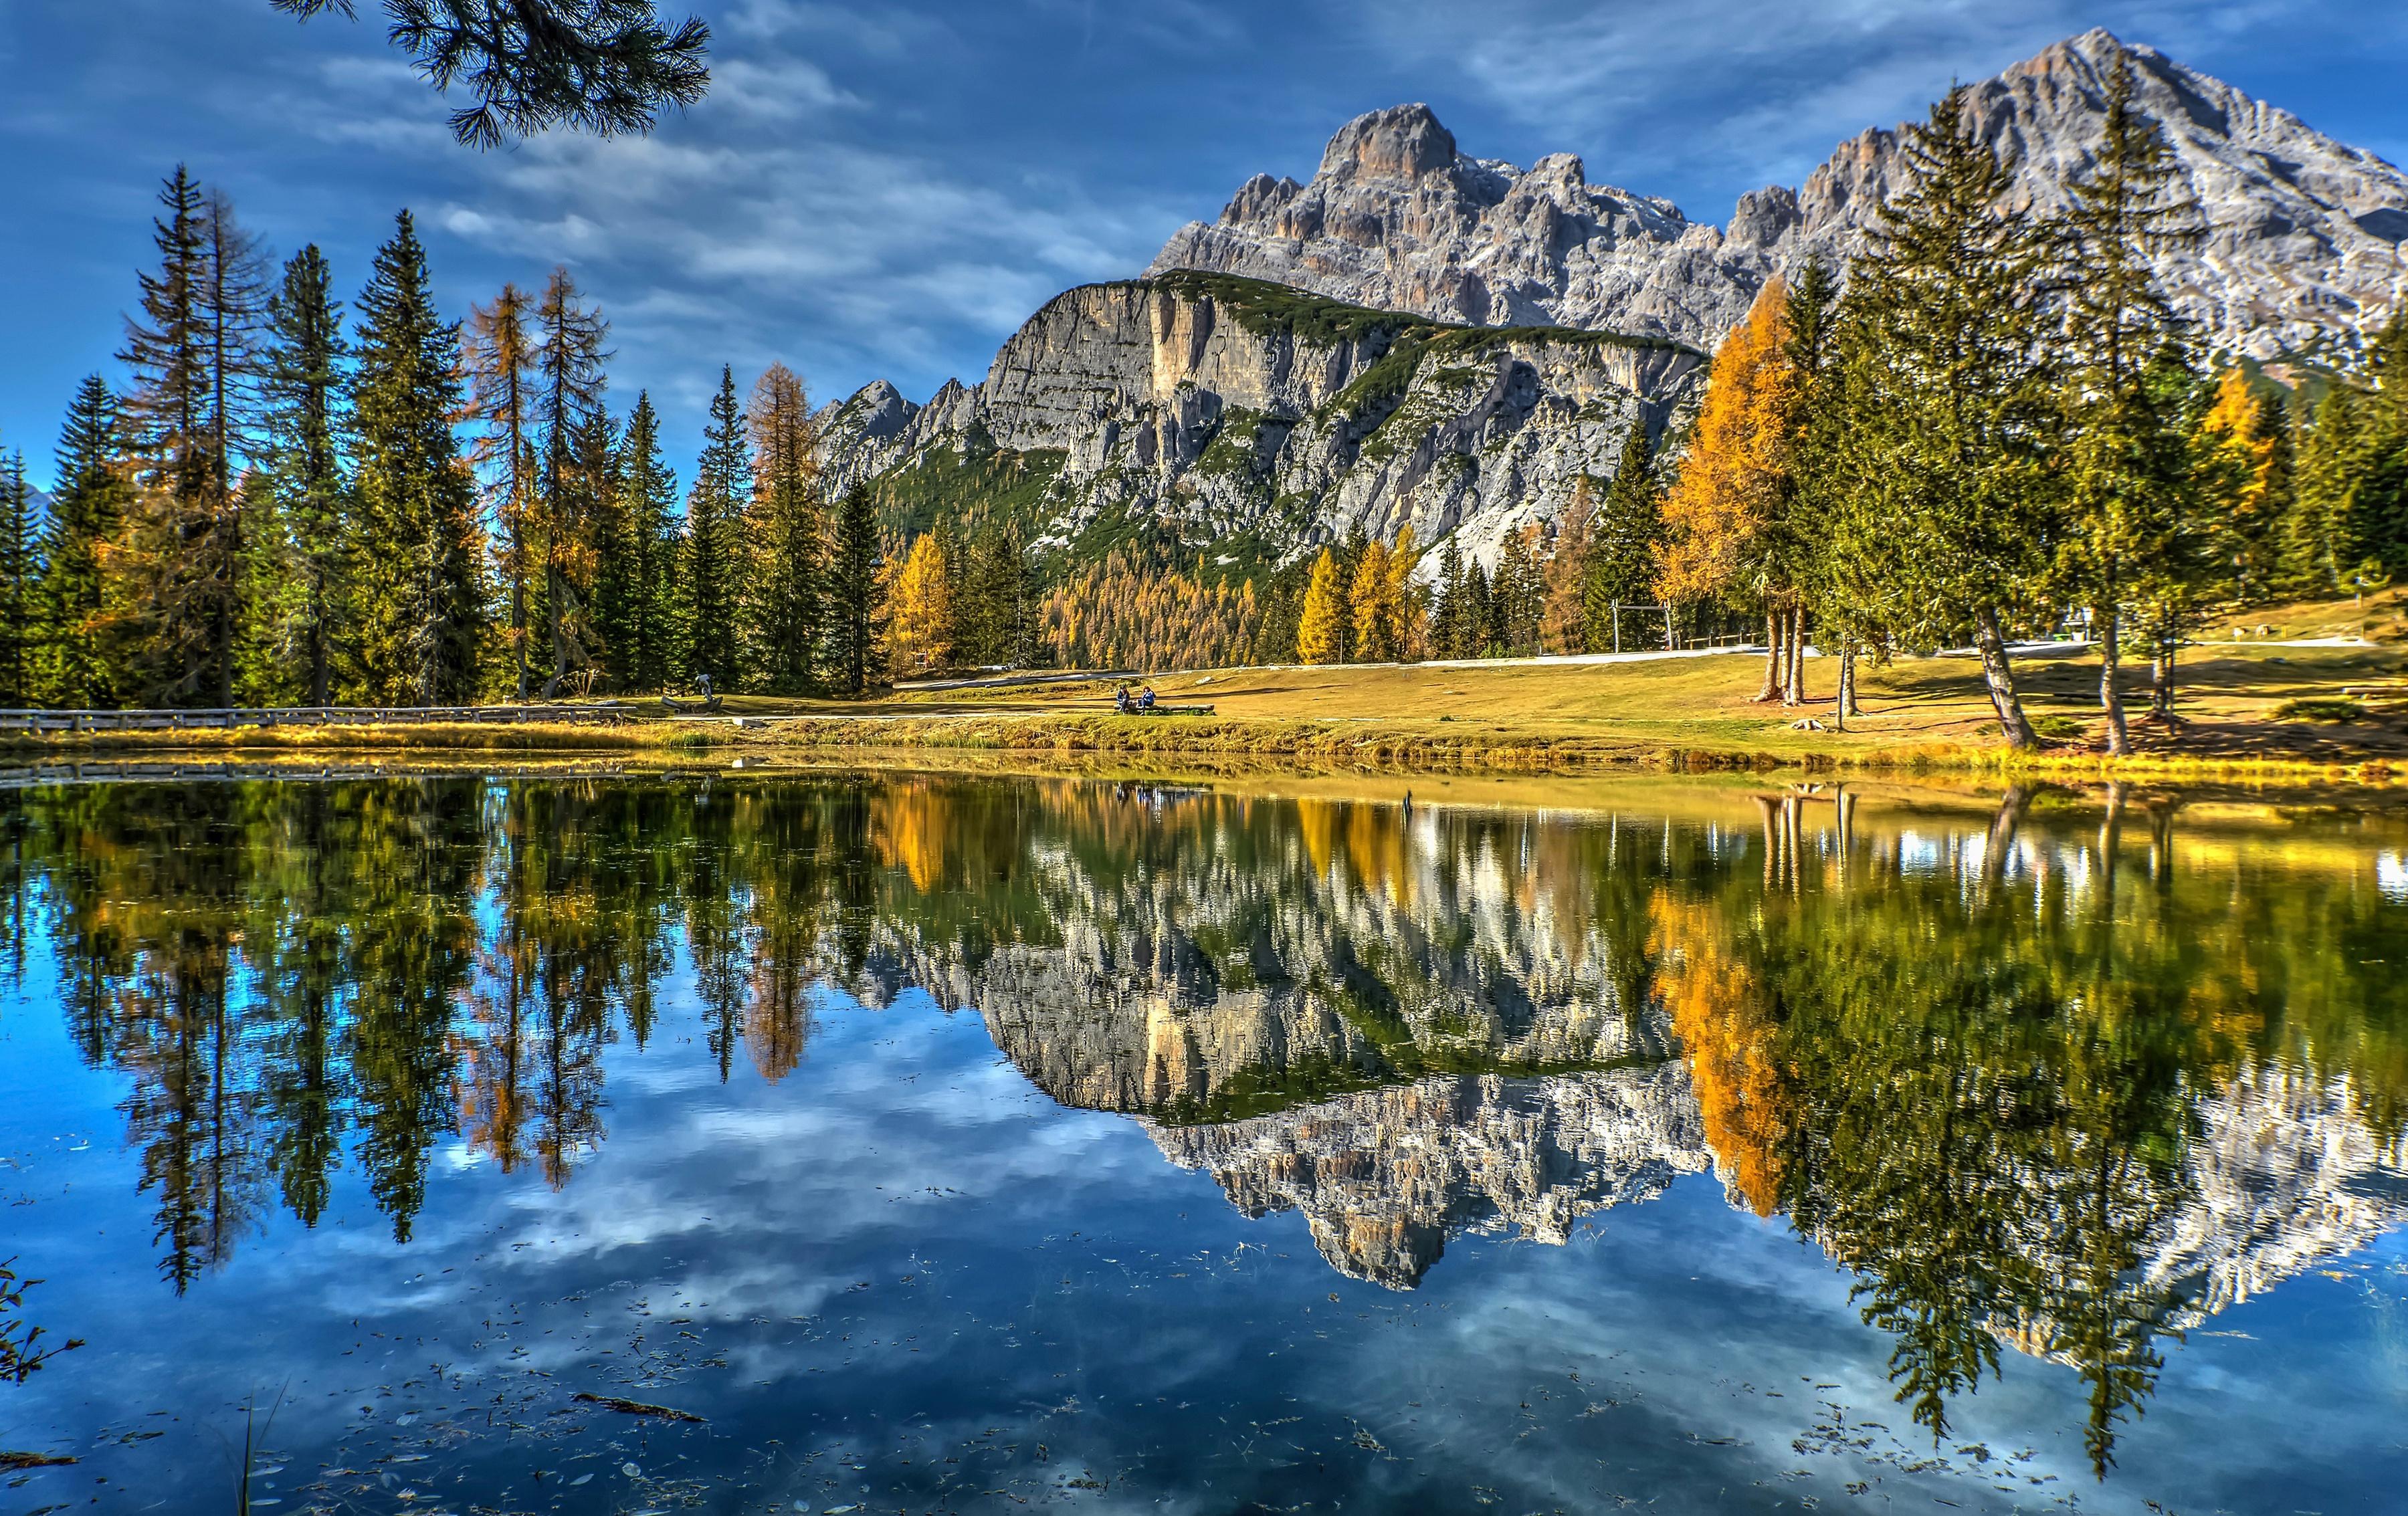 Фото Италия Dolomites Lake Antorno Горы Природа Озеро Пейзаж отражается 3600x2267 Отражение отражении